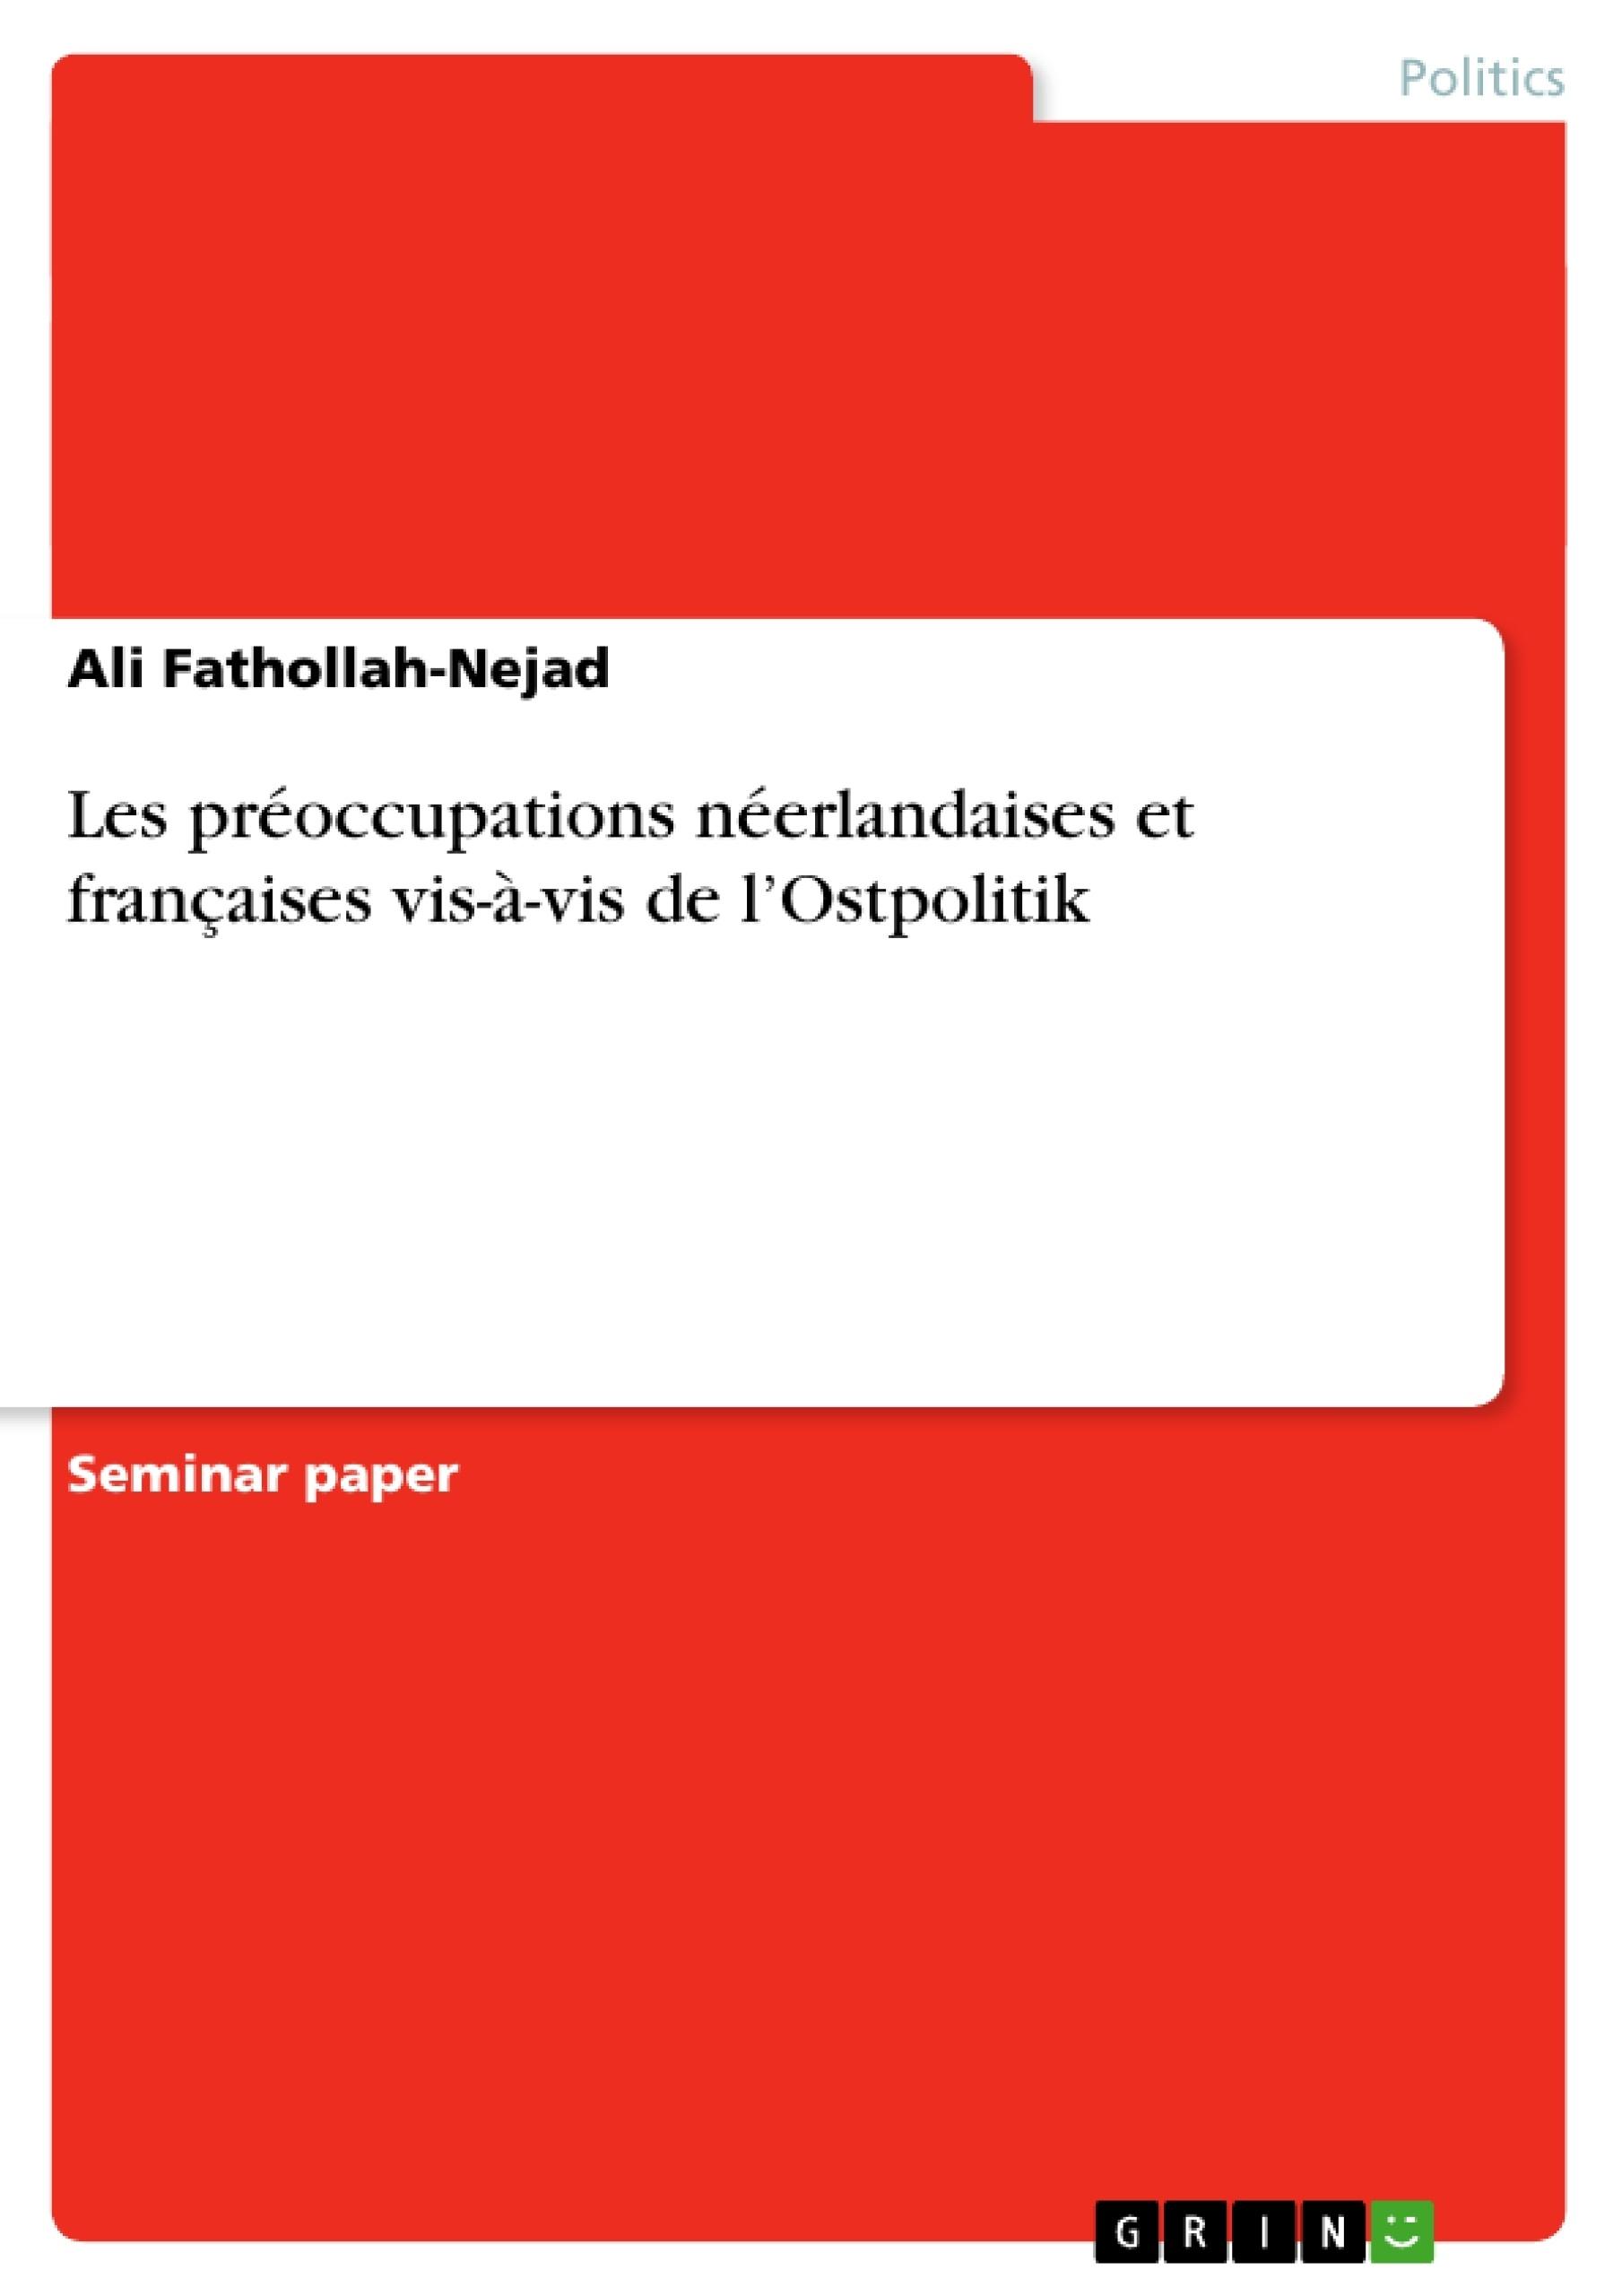 Titre: Les préoccupations néerlandaises et françaises vis-à-vis de l'Ostpolitik